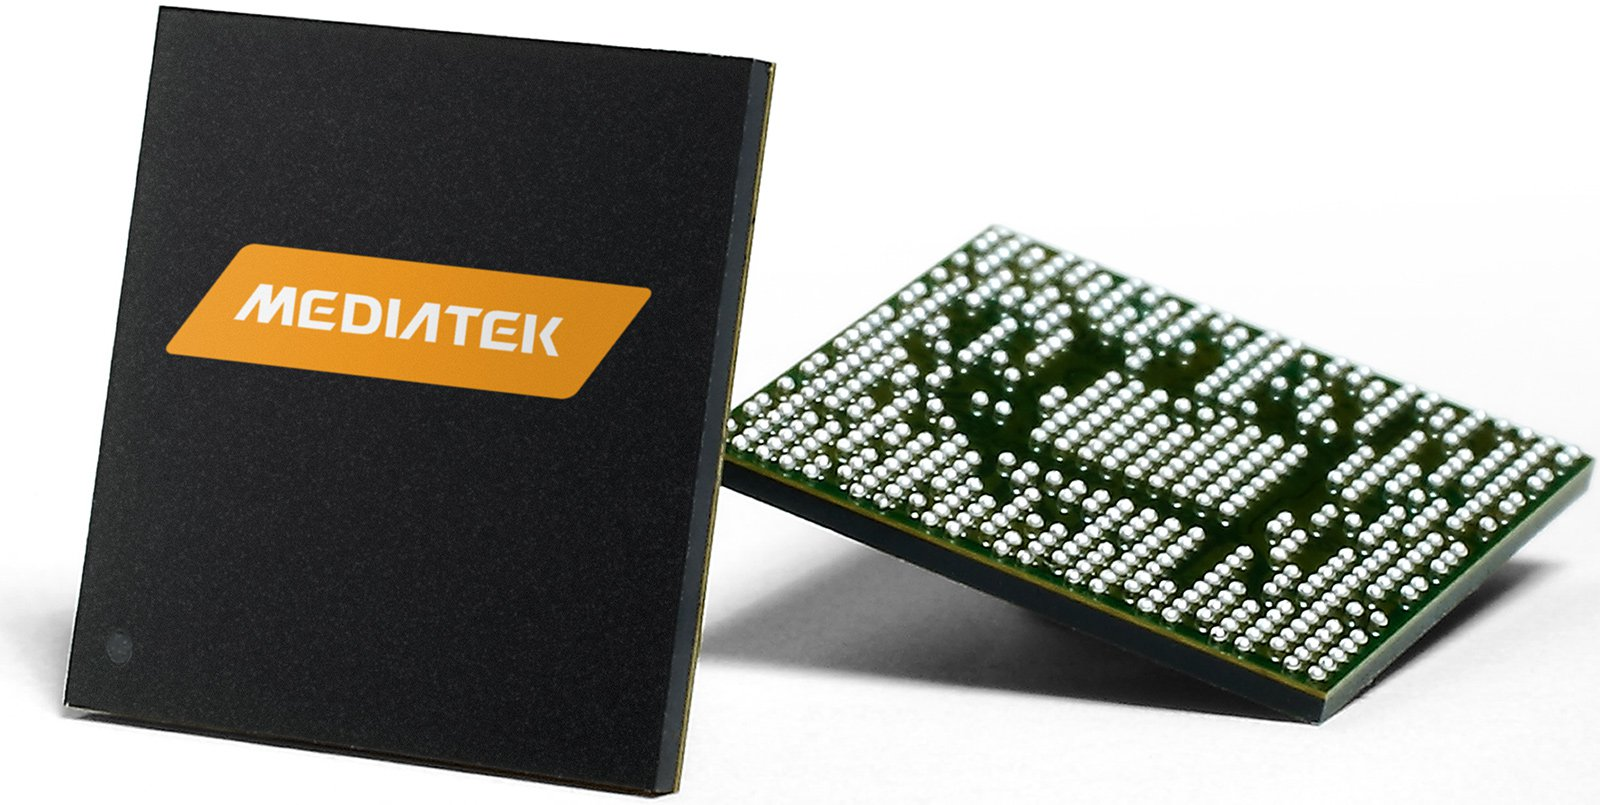 mediatek_chip_soc_app_processor_3